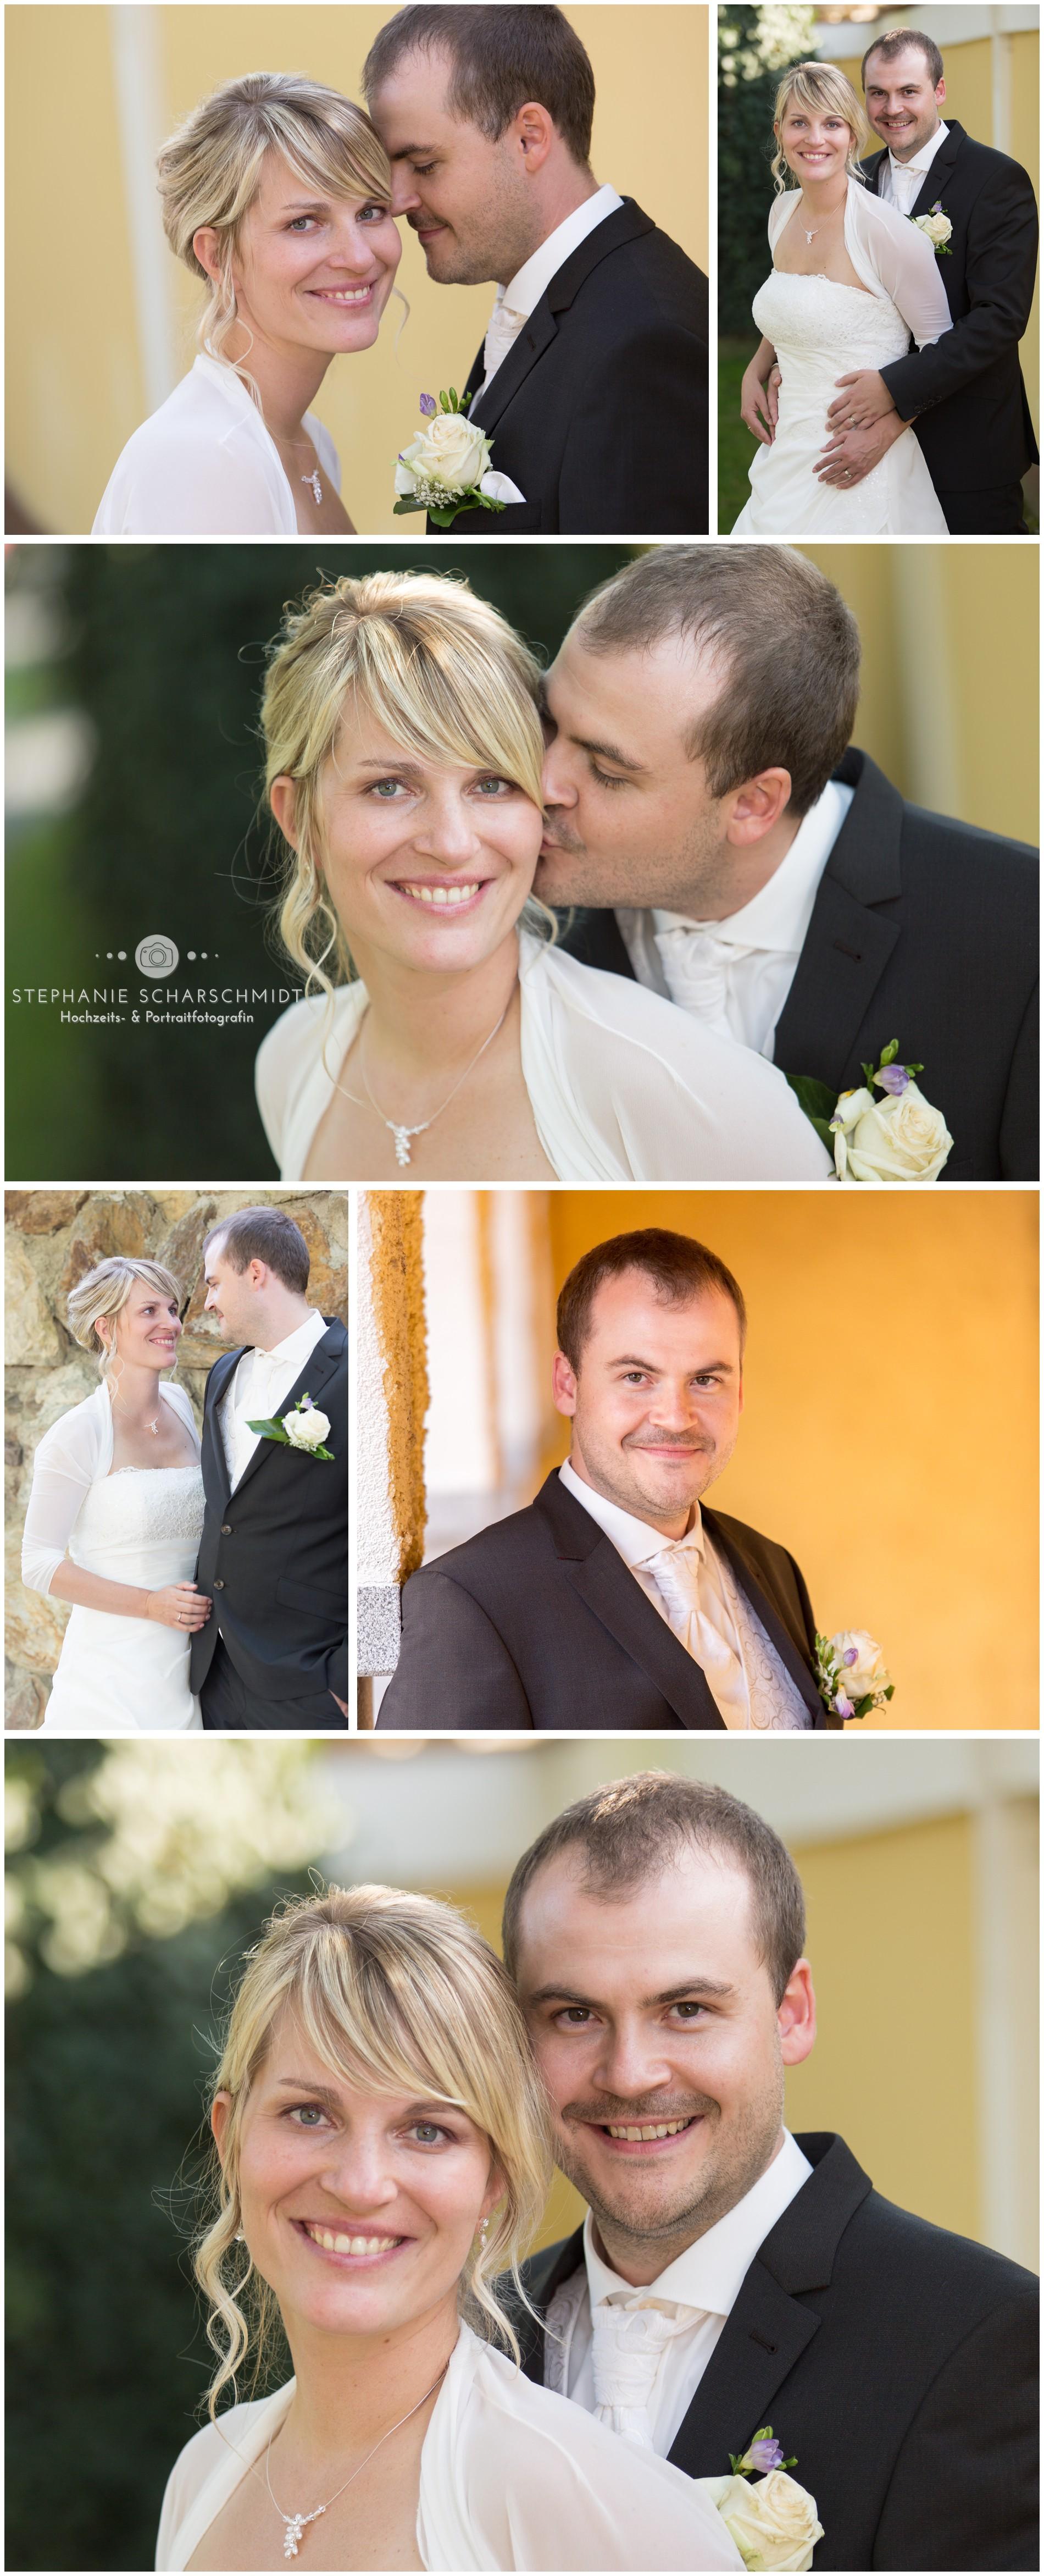 internationales Brautparfotoschouting – Hochzeitsreportage in Tschechien – englischsprachige Hochzeit – Hochzeitsfotografin Stephanie Scharschmidt